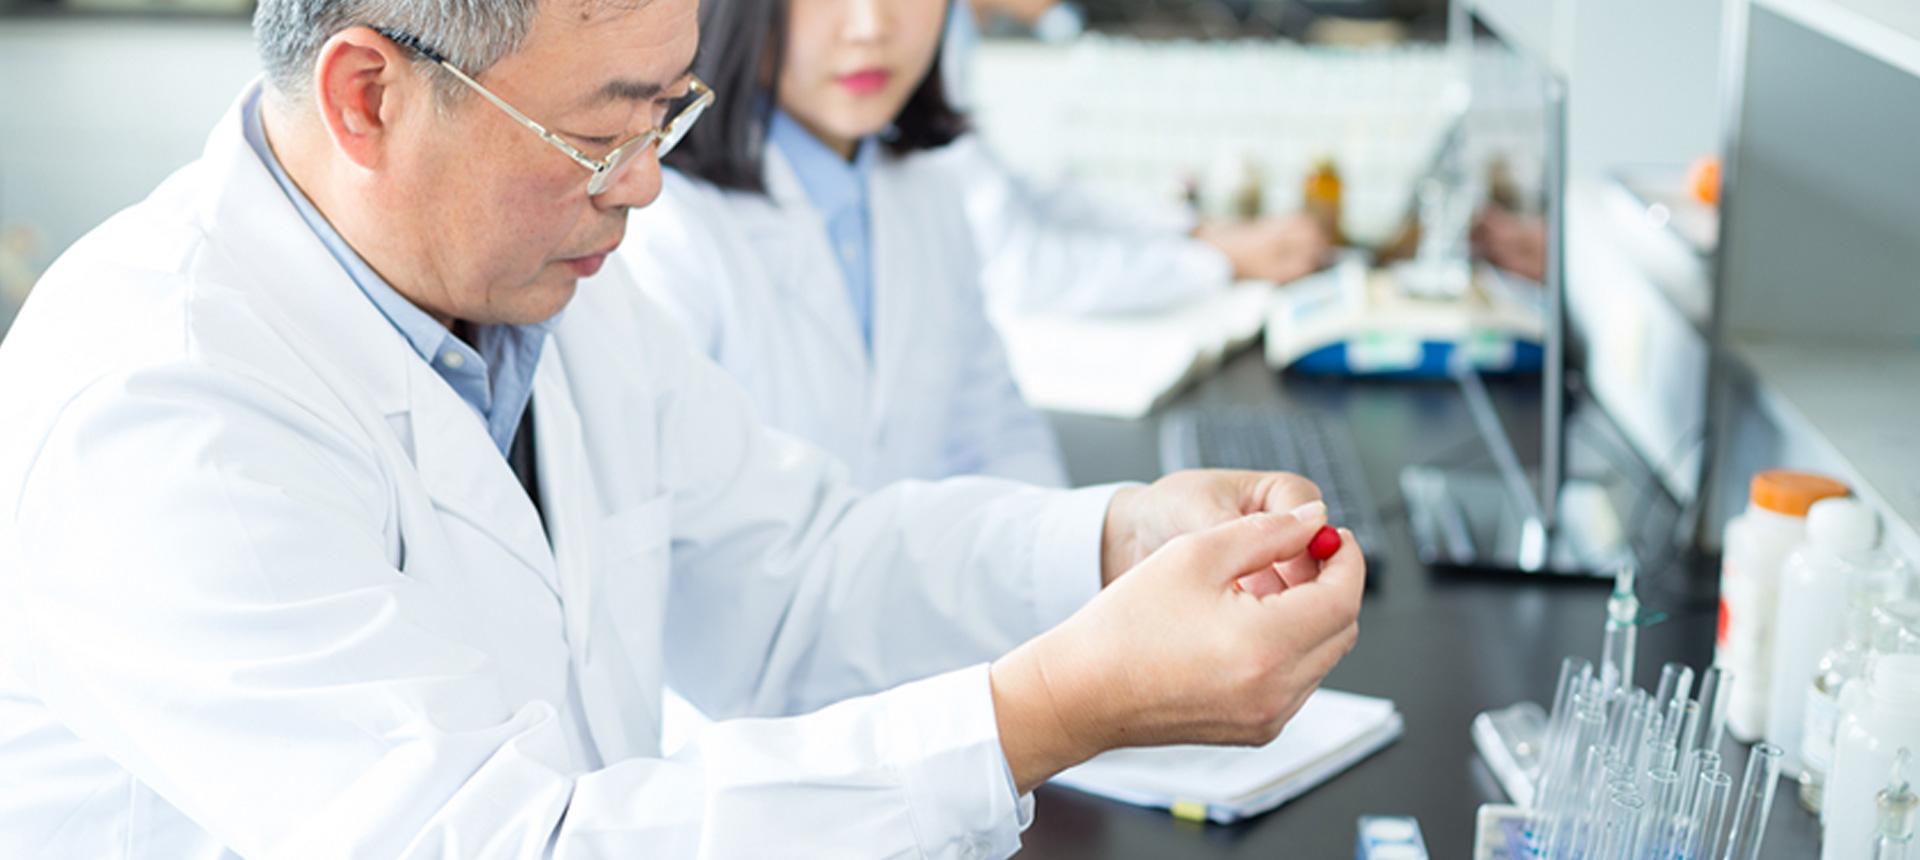 日本不加药技术